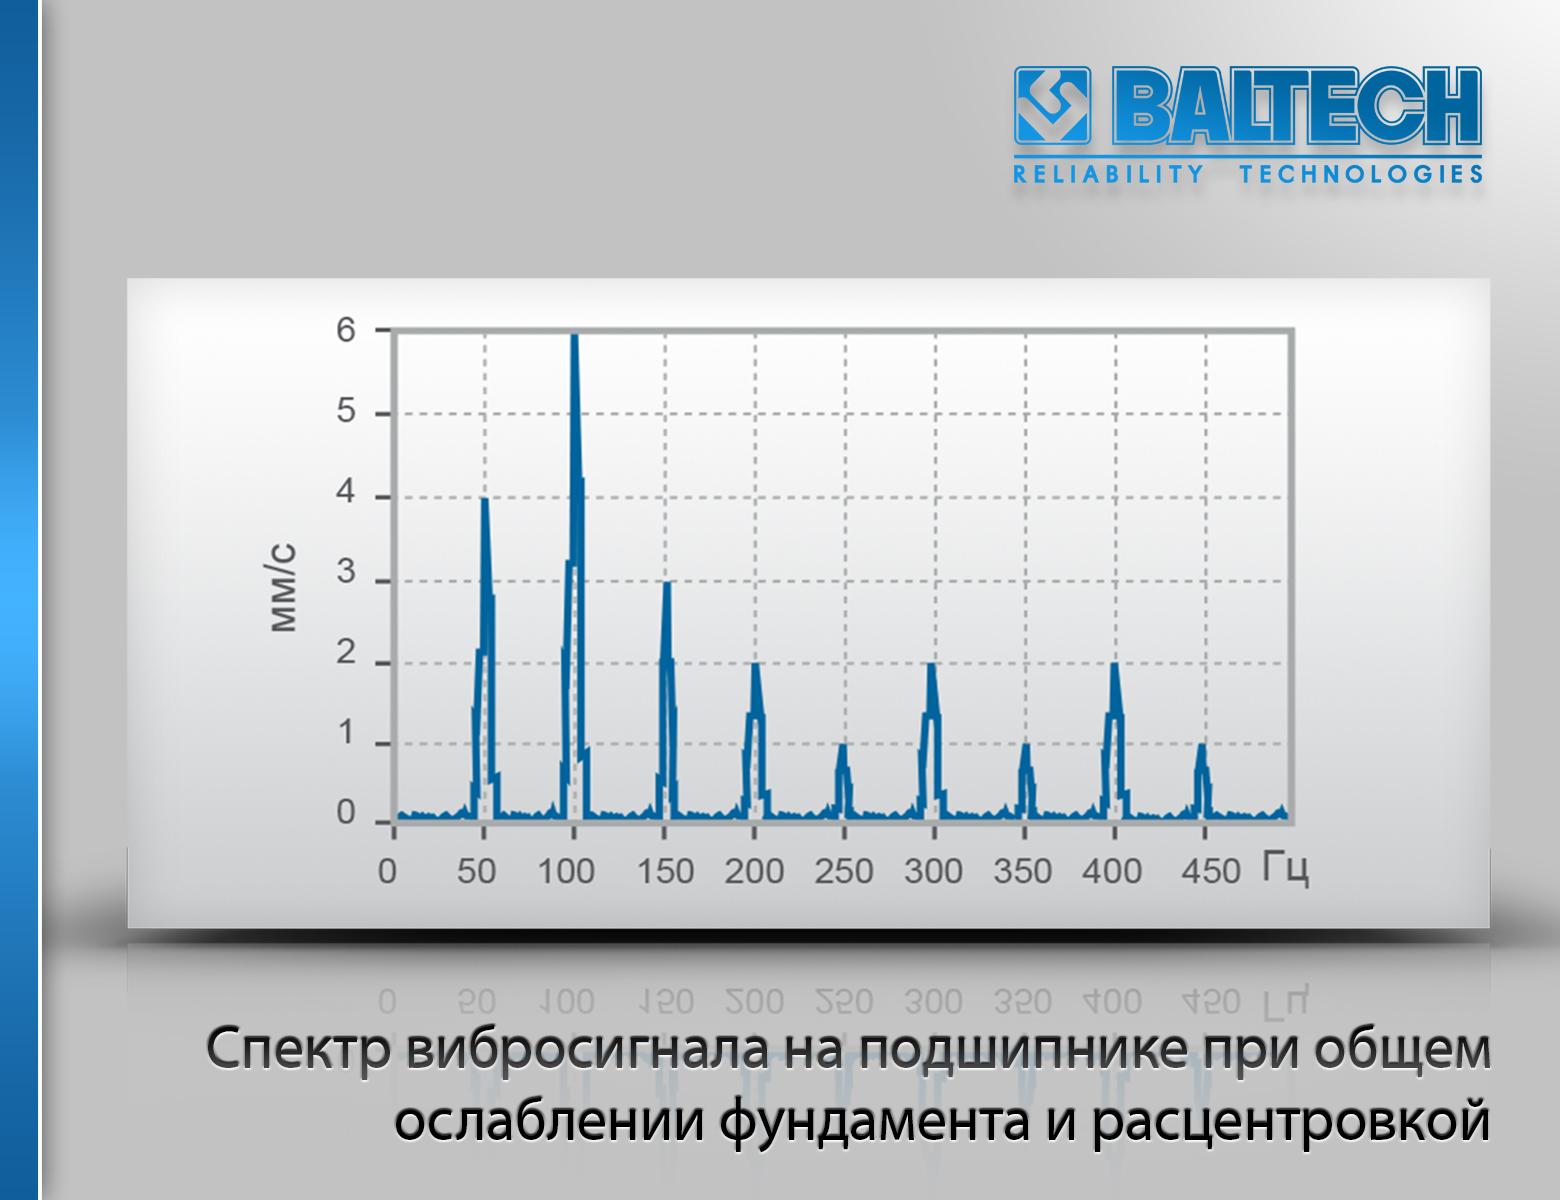 Спектр вибросигнала на подшипнике при общем ослаблении фундамента и расцентровкой